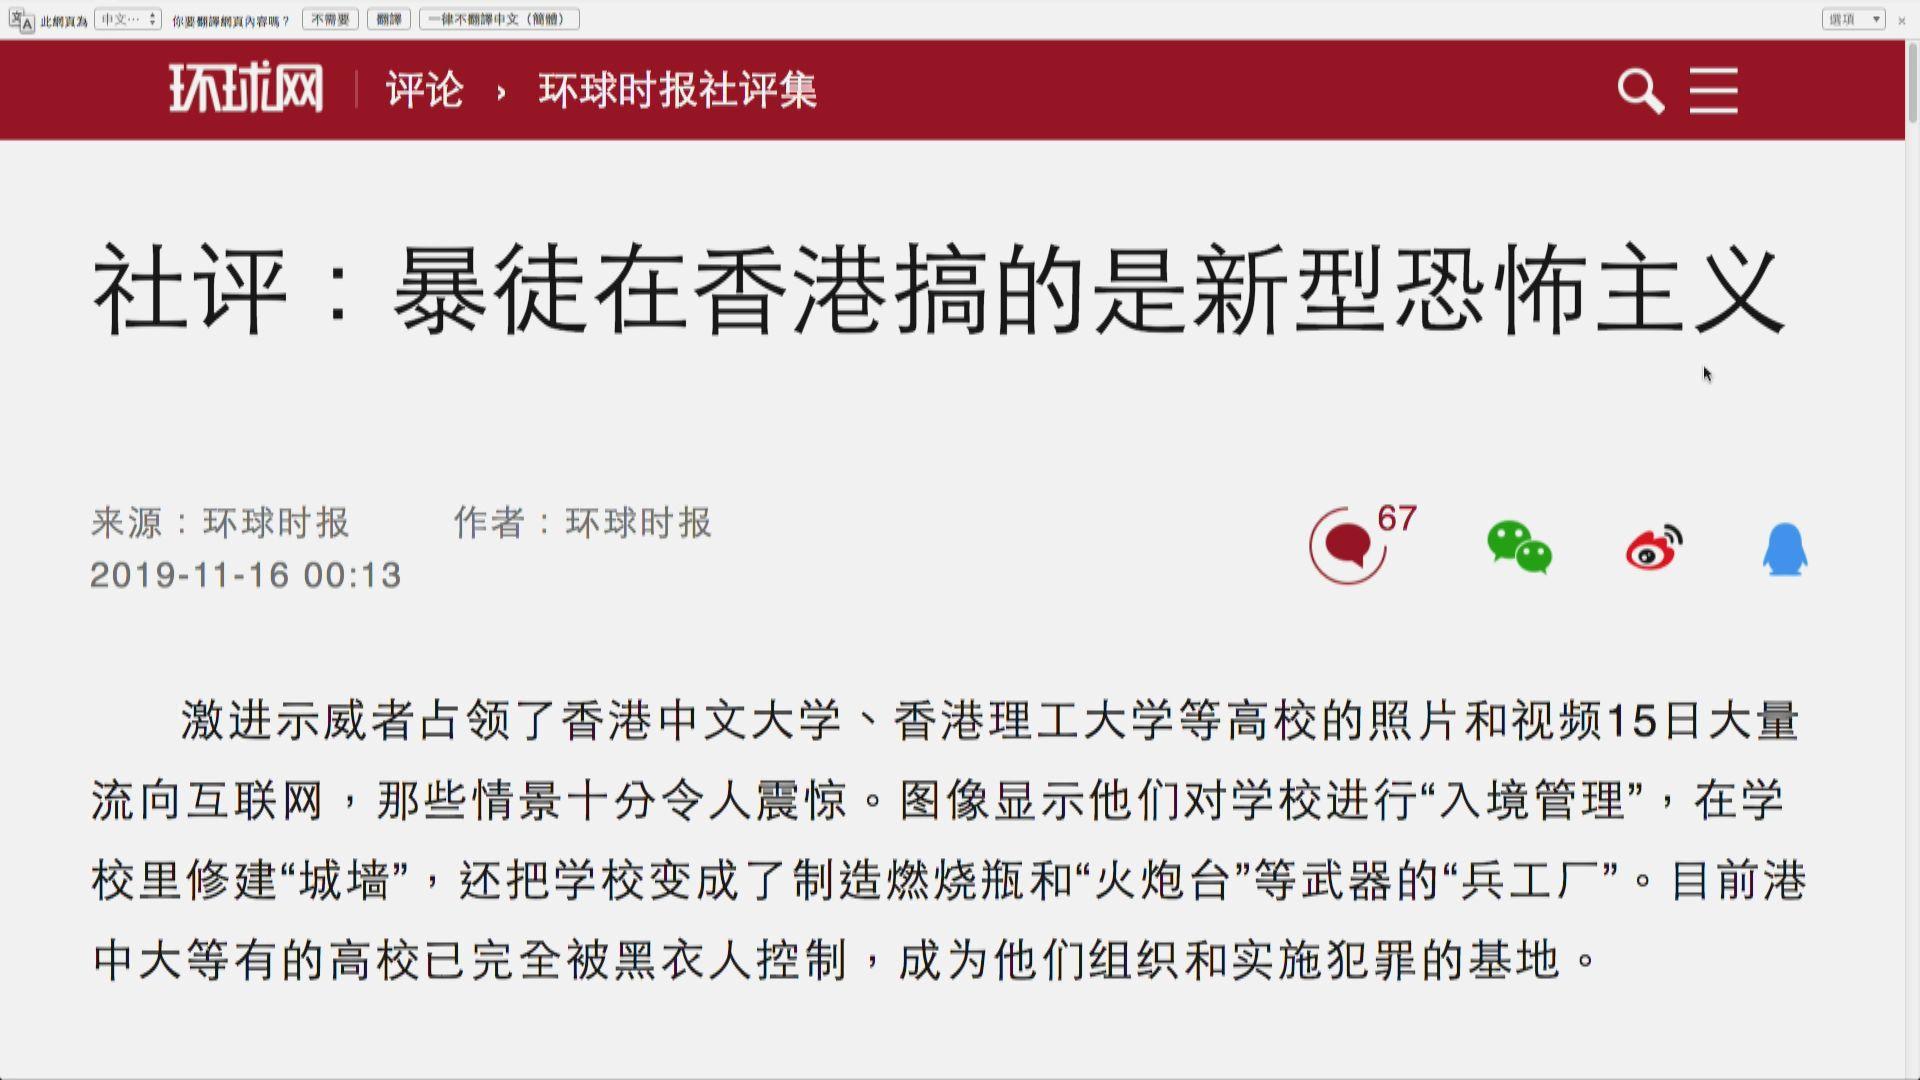 《環球時報》社評批暴徒在港搞新型恐怖主義